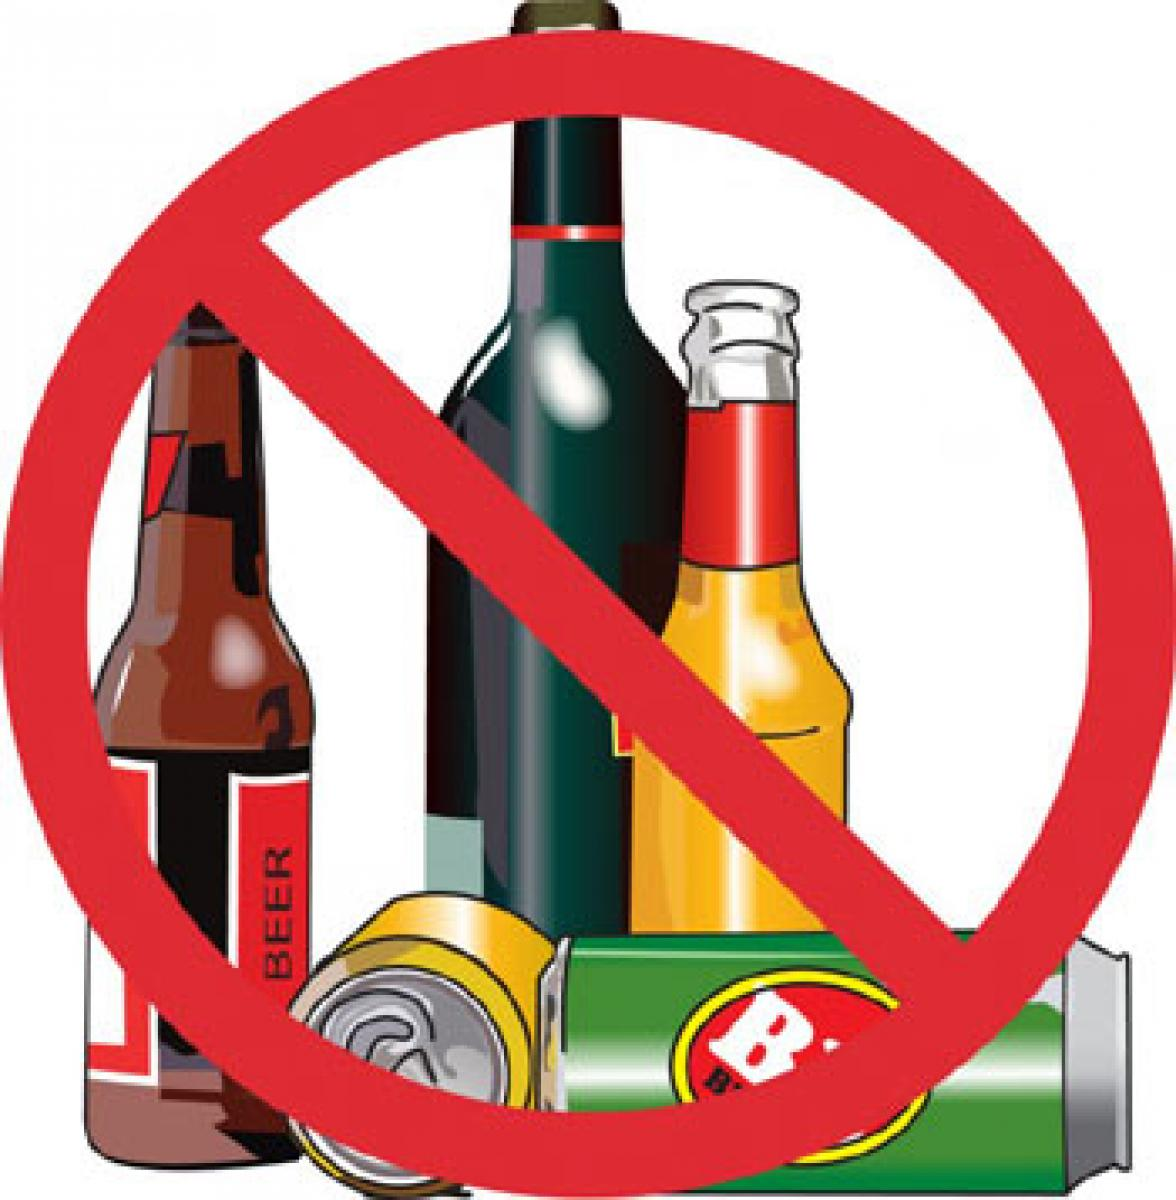 भूपेश सरकार द्वारा प्रदेश में पूर्ण शराब बंदी के लिए गठित समिति के लिए विपक्षीय दलों ने अभी तक नही भेजे विधायकों के नाम राज्य शासन ने पुनः किया आग्रह